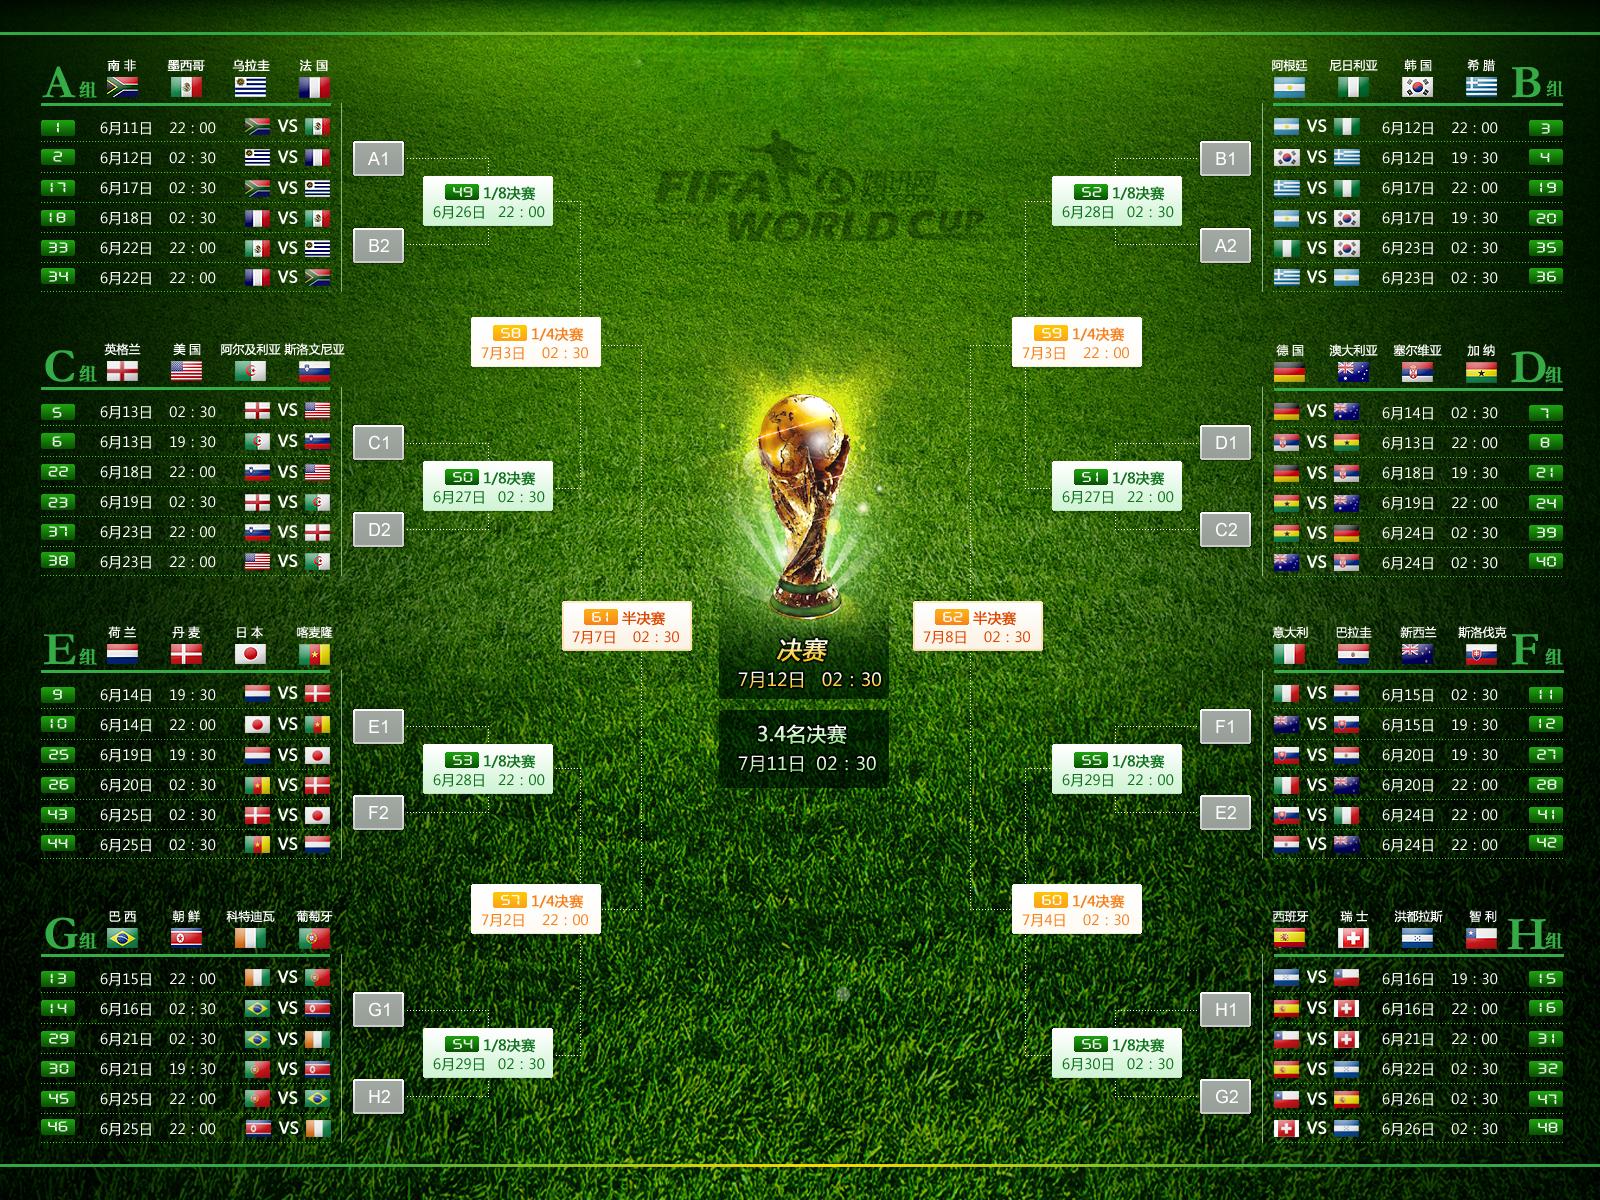 2018俄罗斯世界杯对阵表